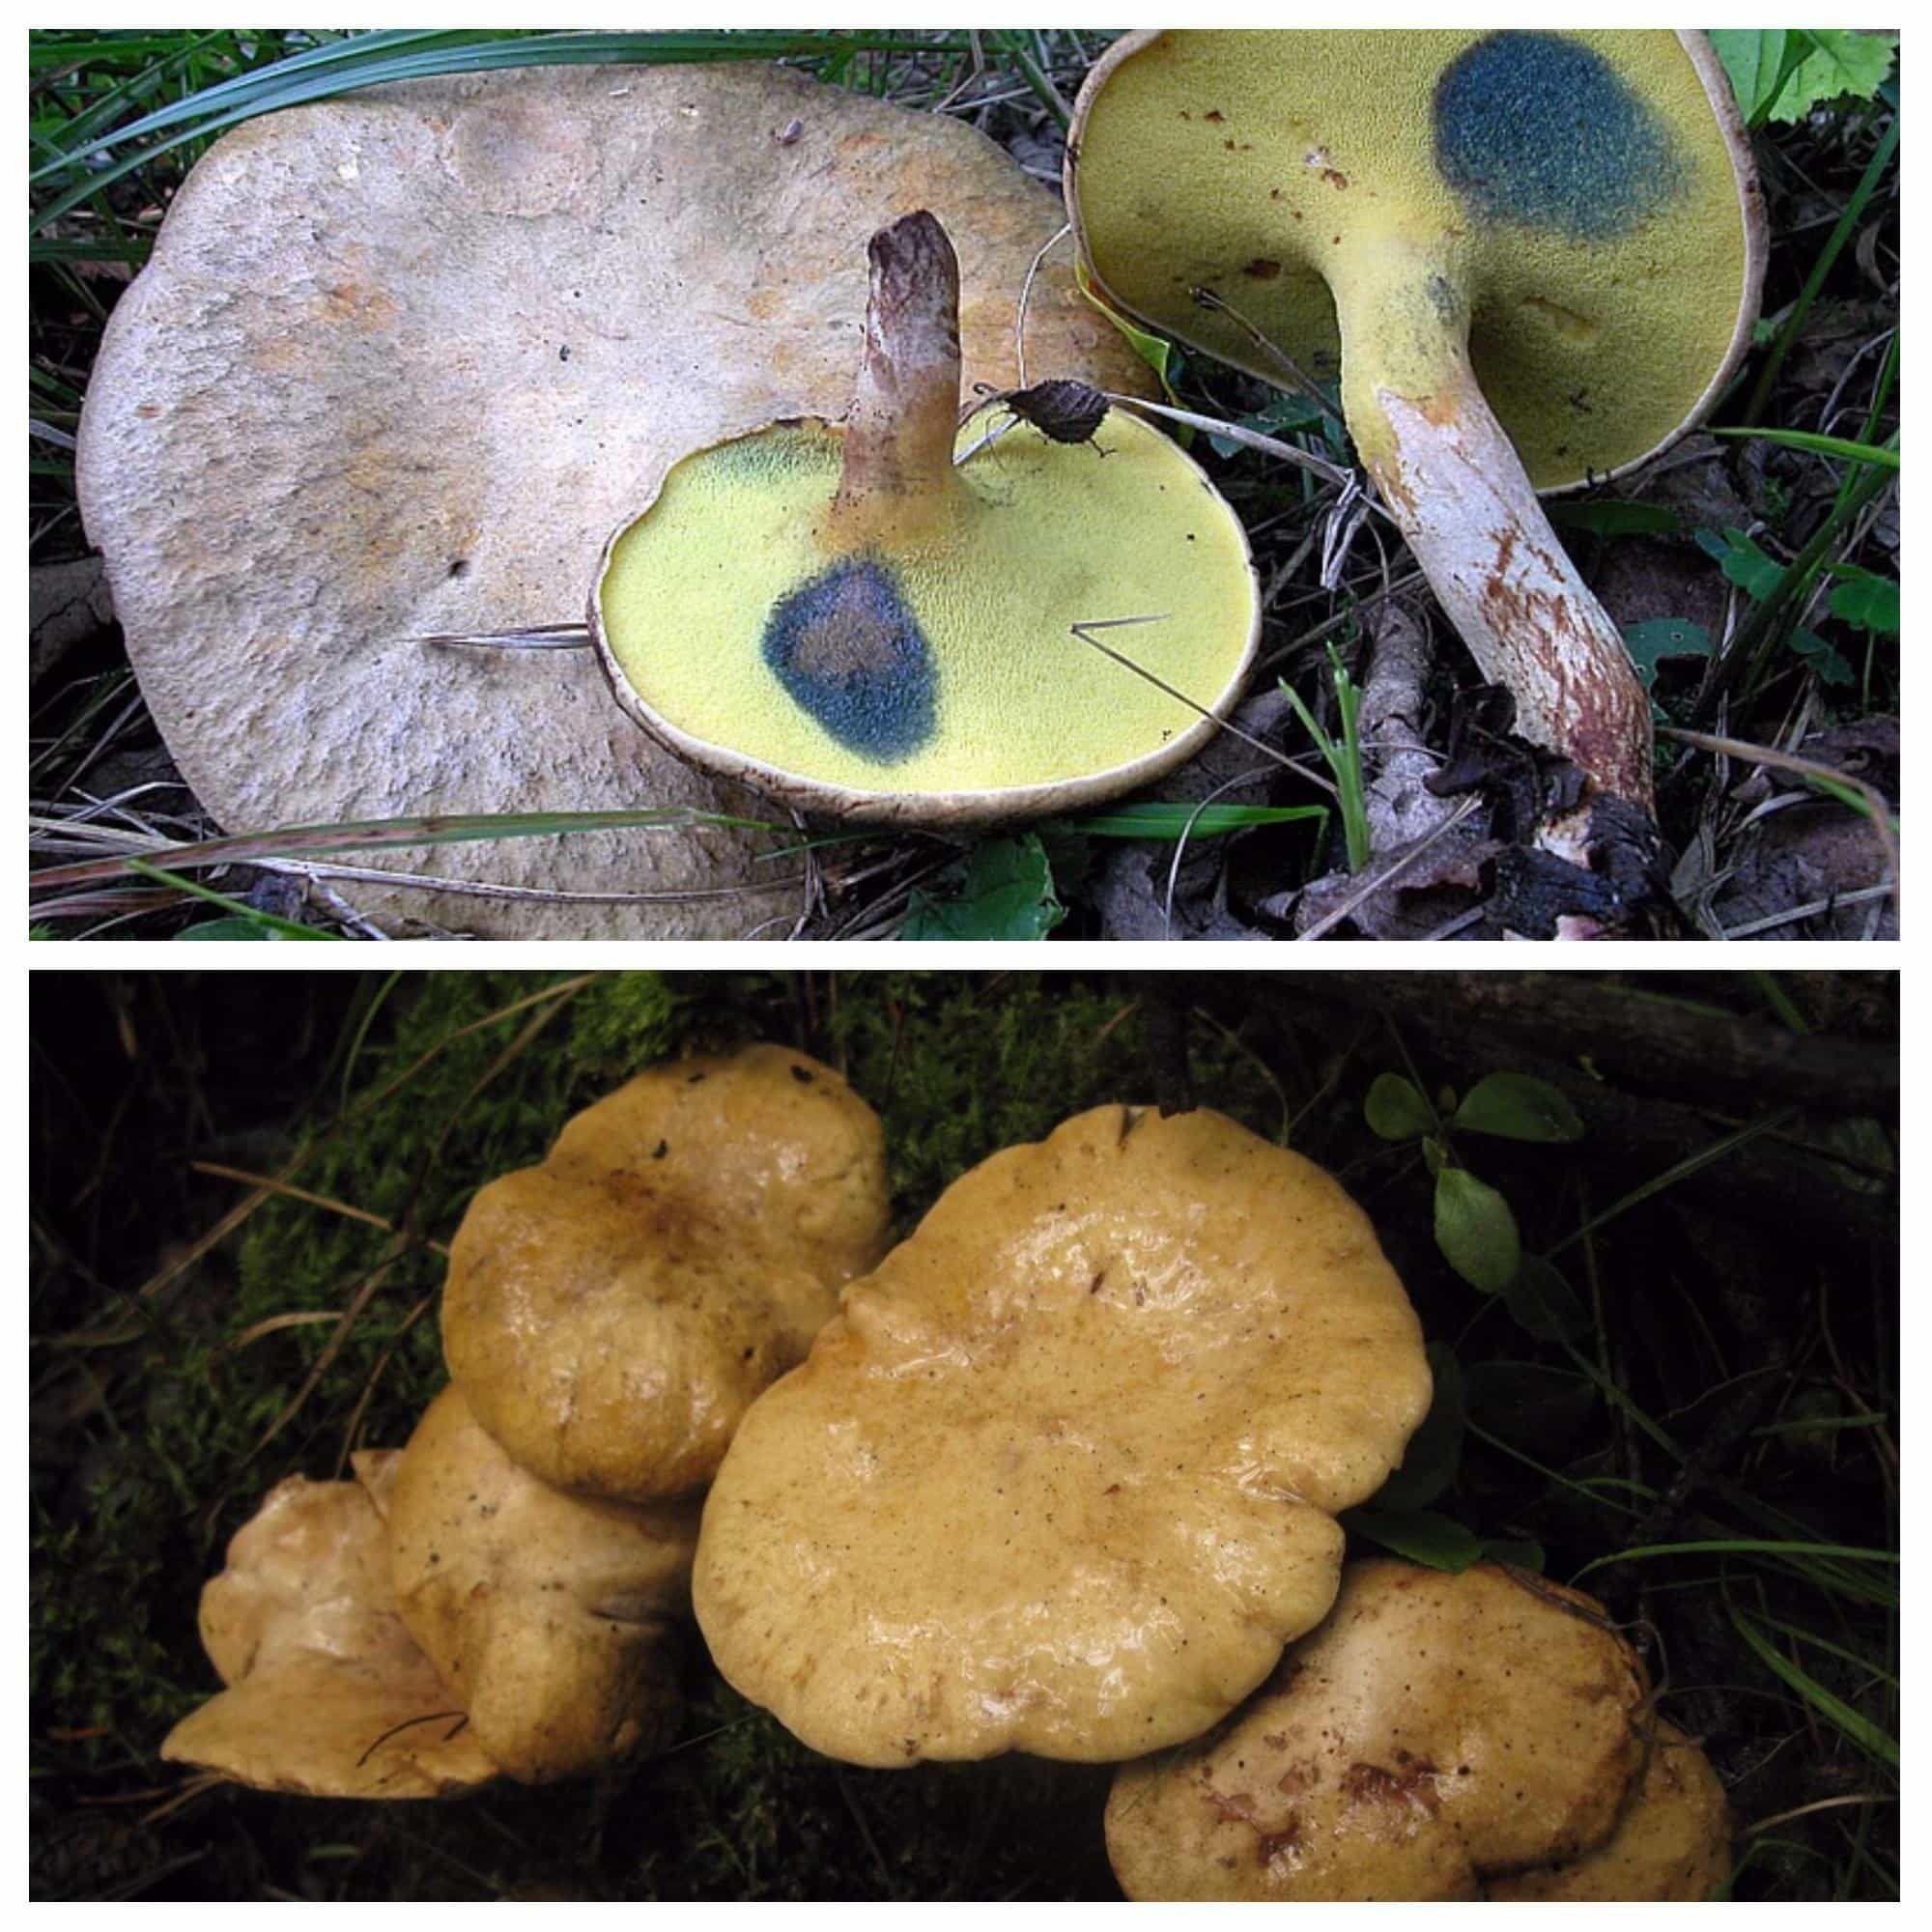 подольшаник гриб фото